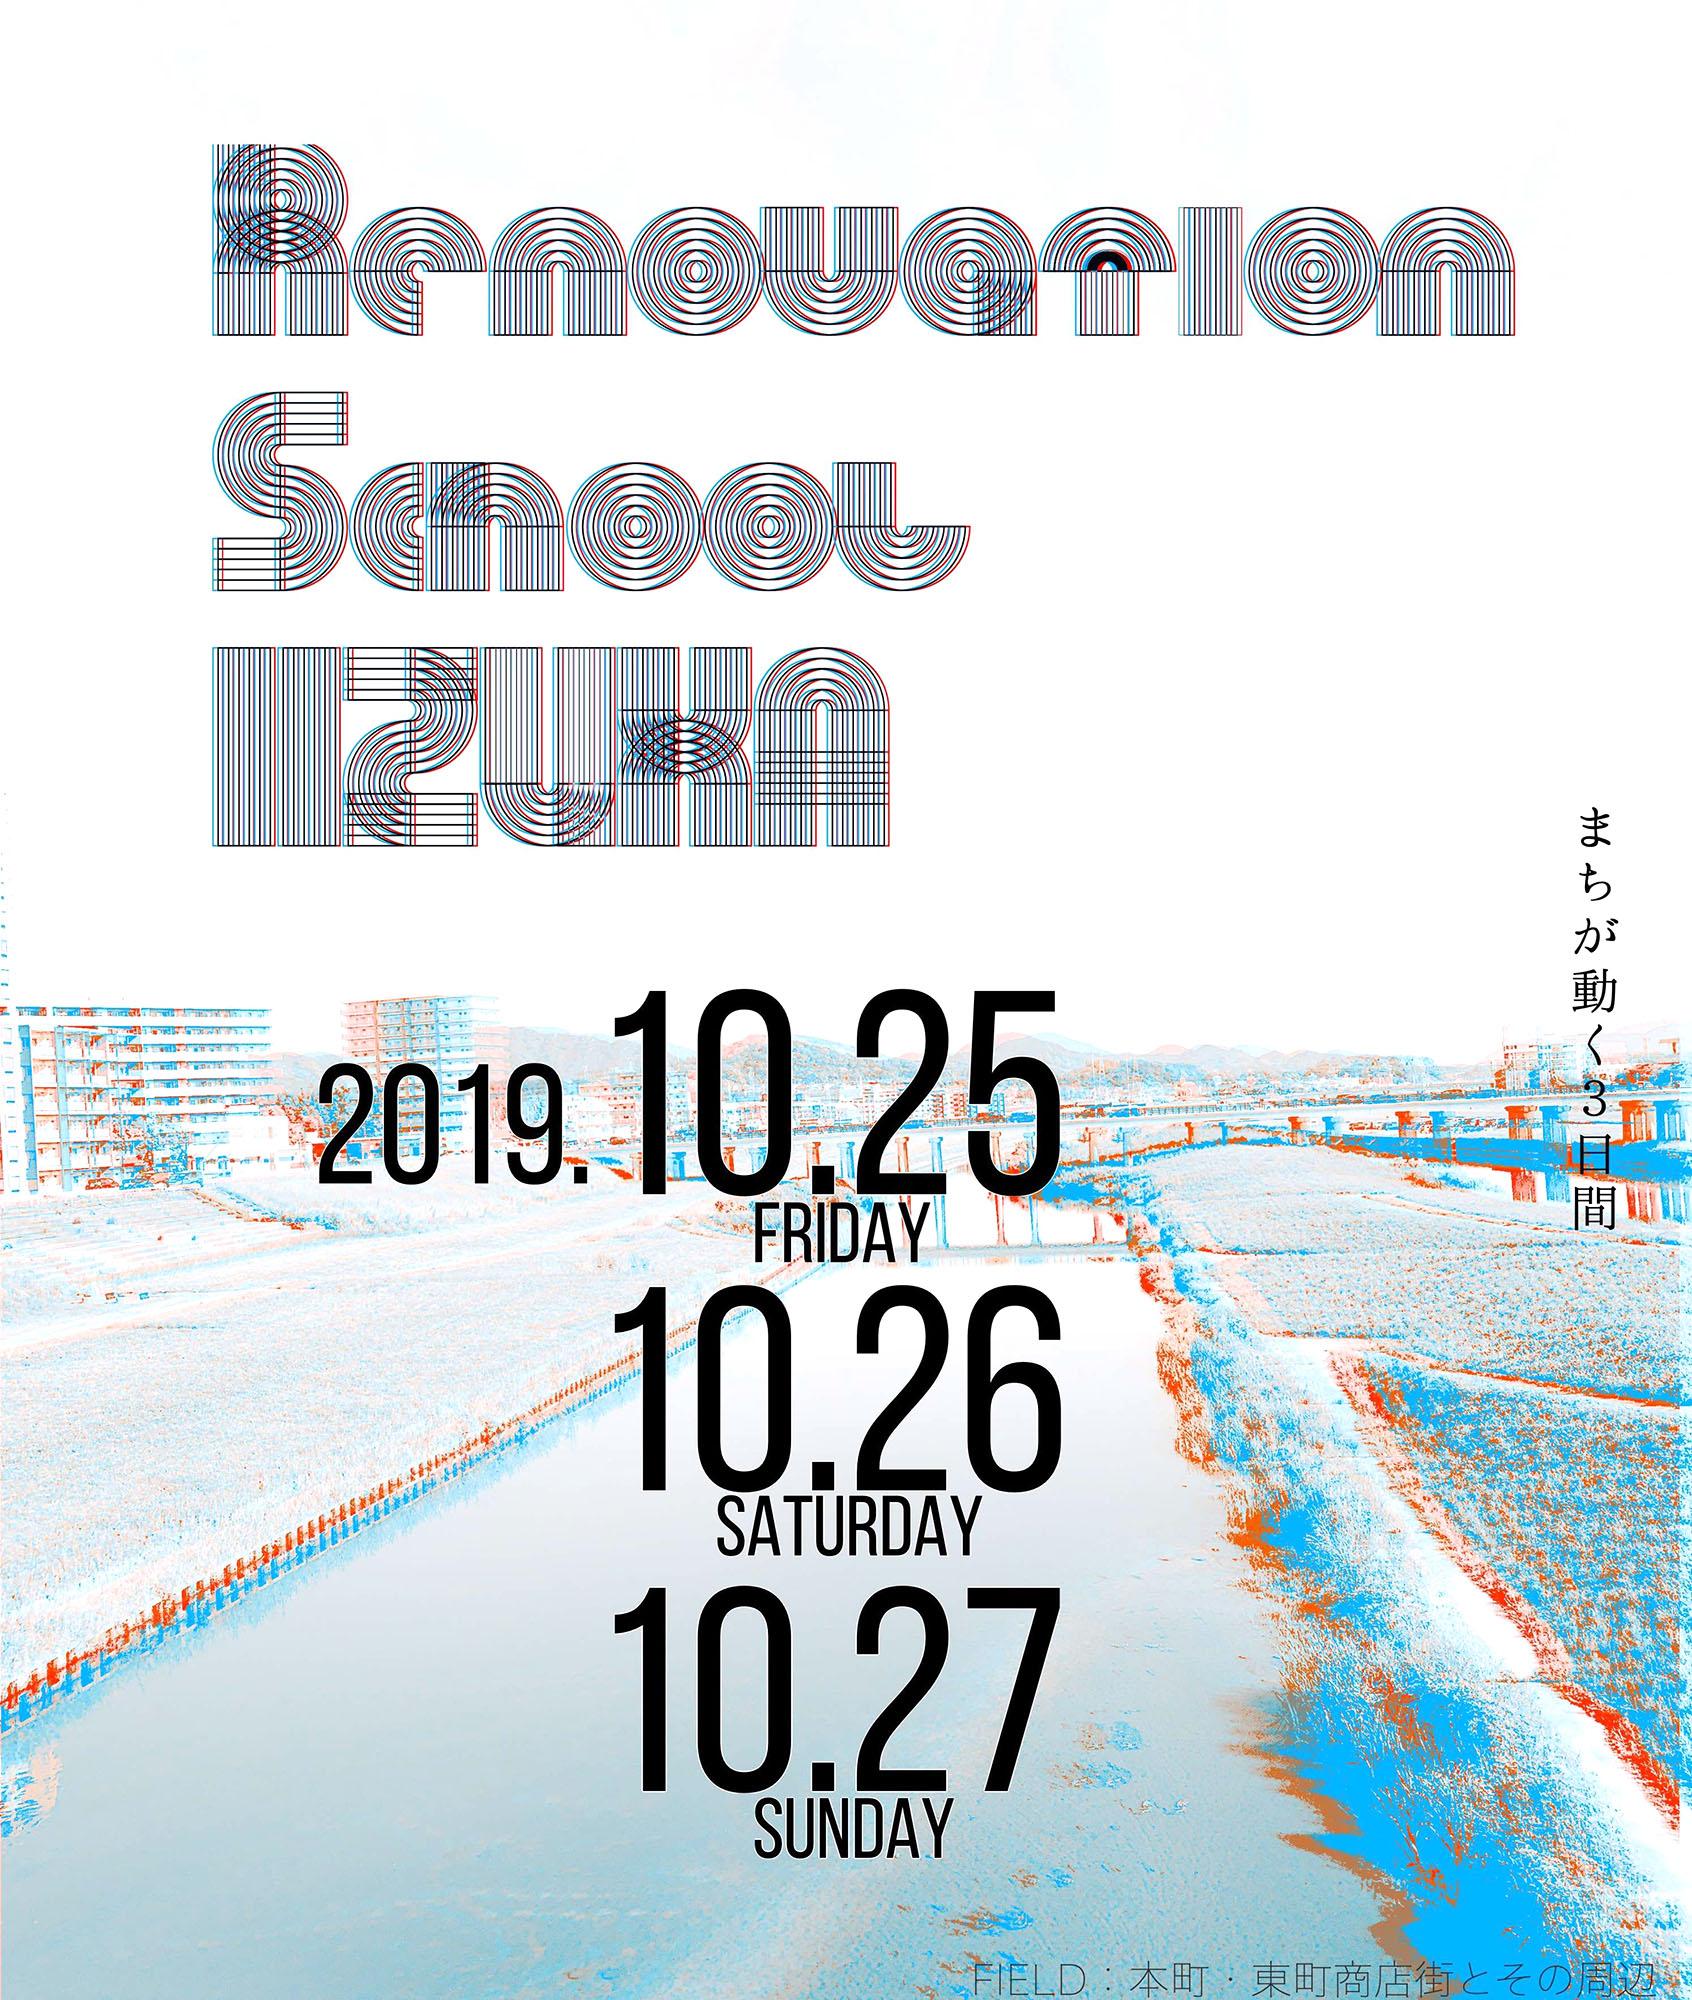 第1回 リノベーションスクール@飯塚